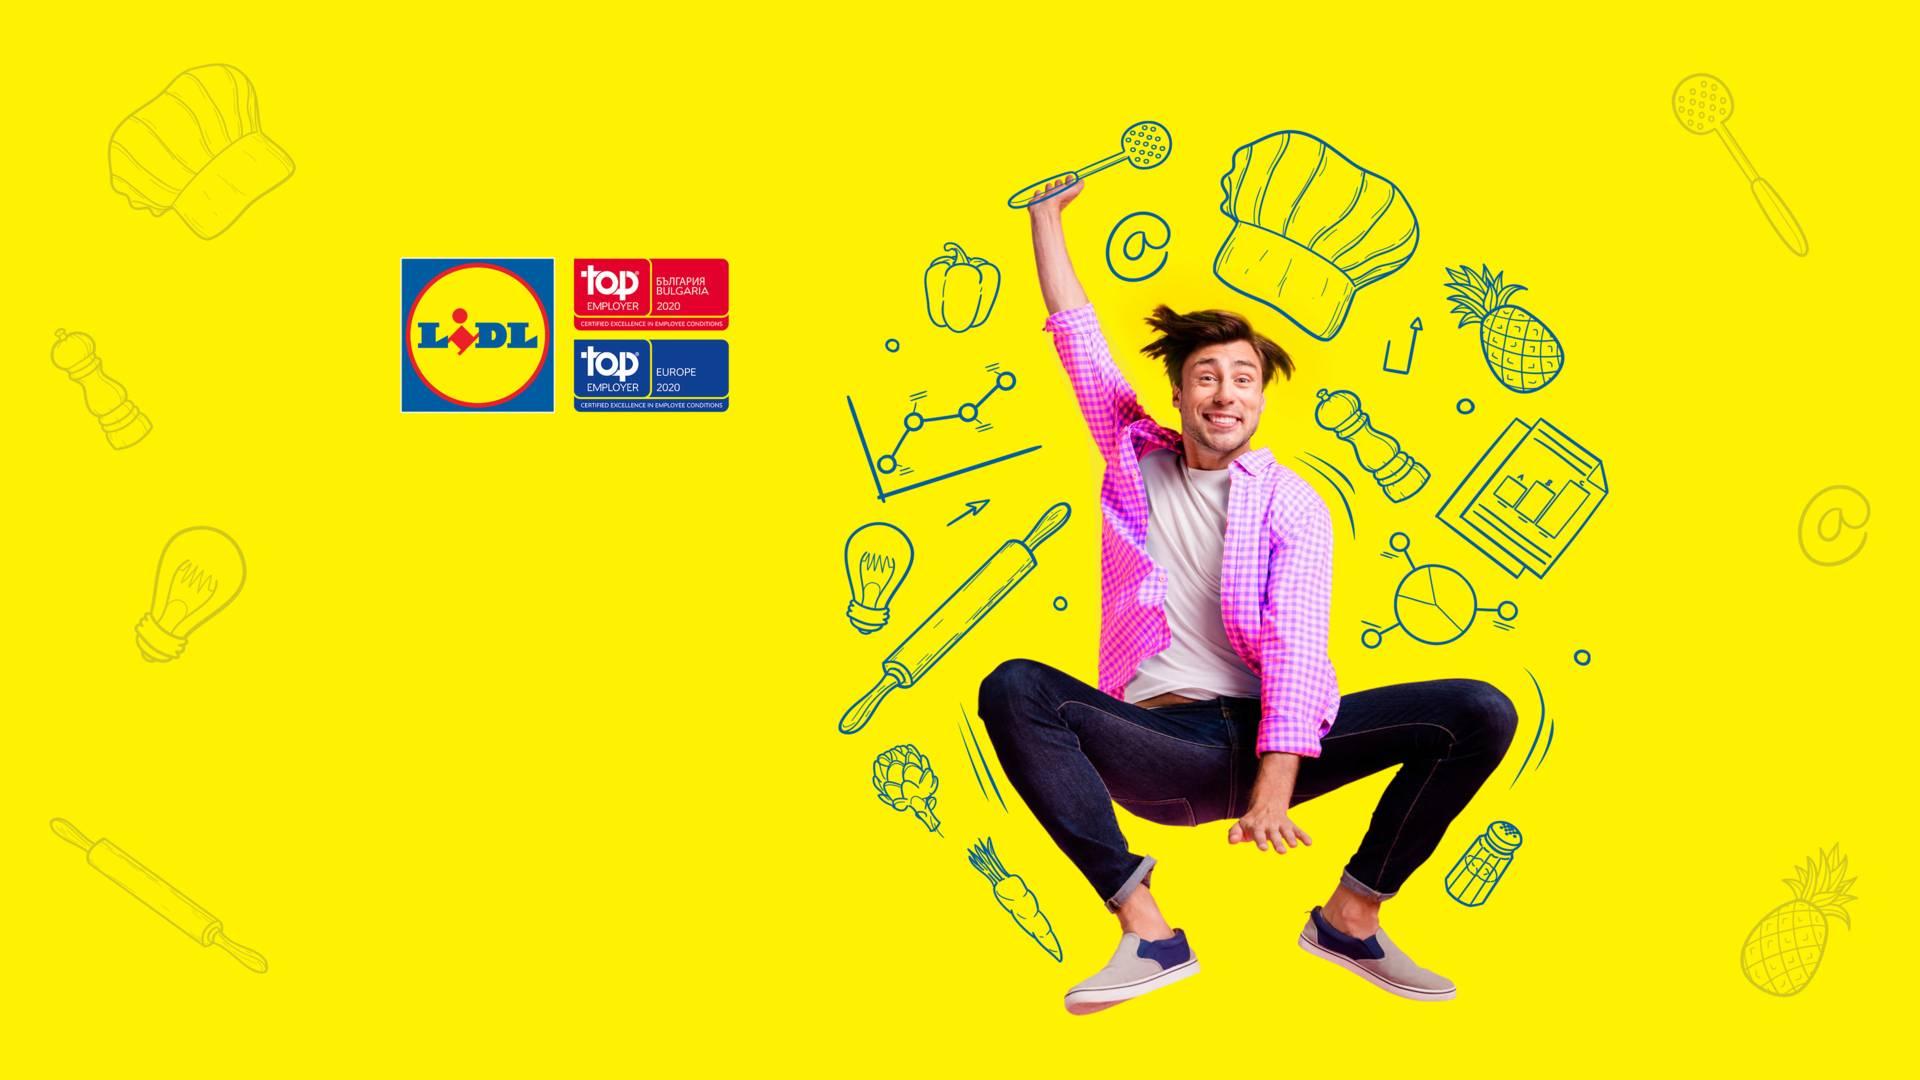 Млад мъж в скок на жълт фон рисувани фигури храни и уреди, лого лидл и топ емплойър 2020